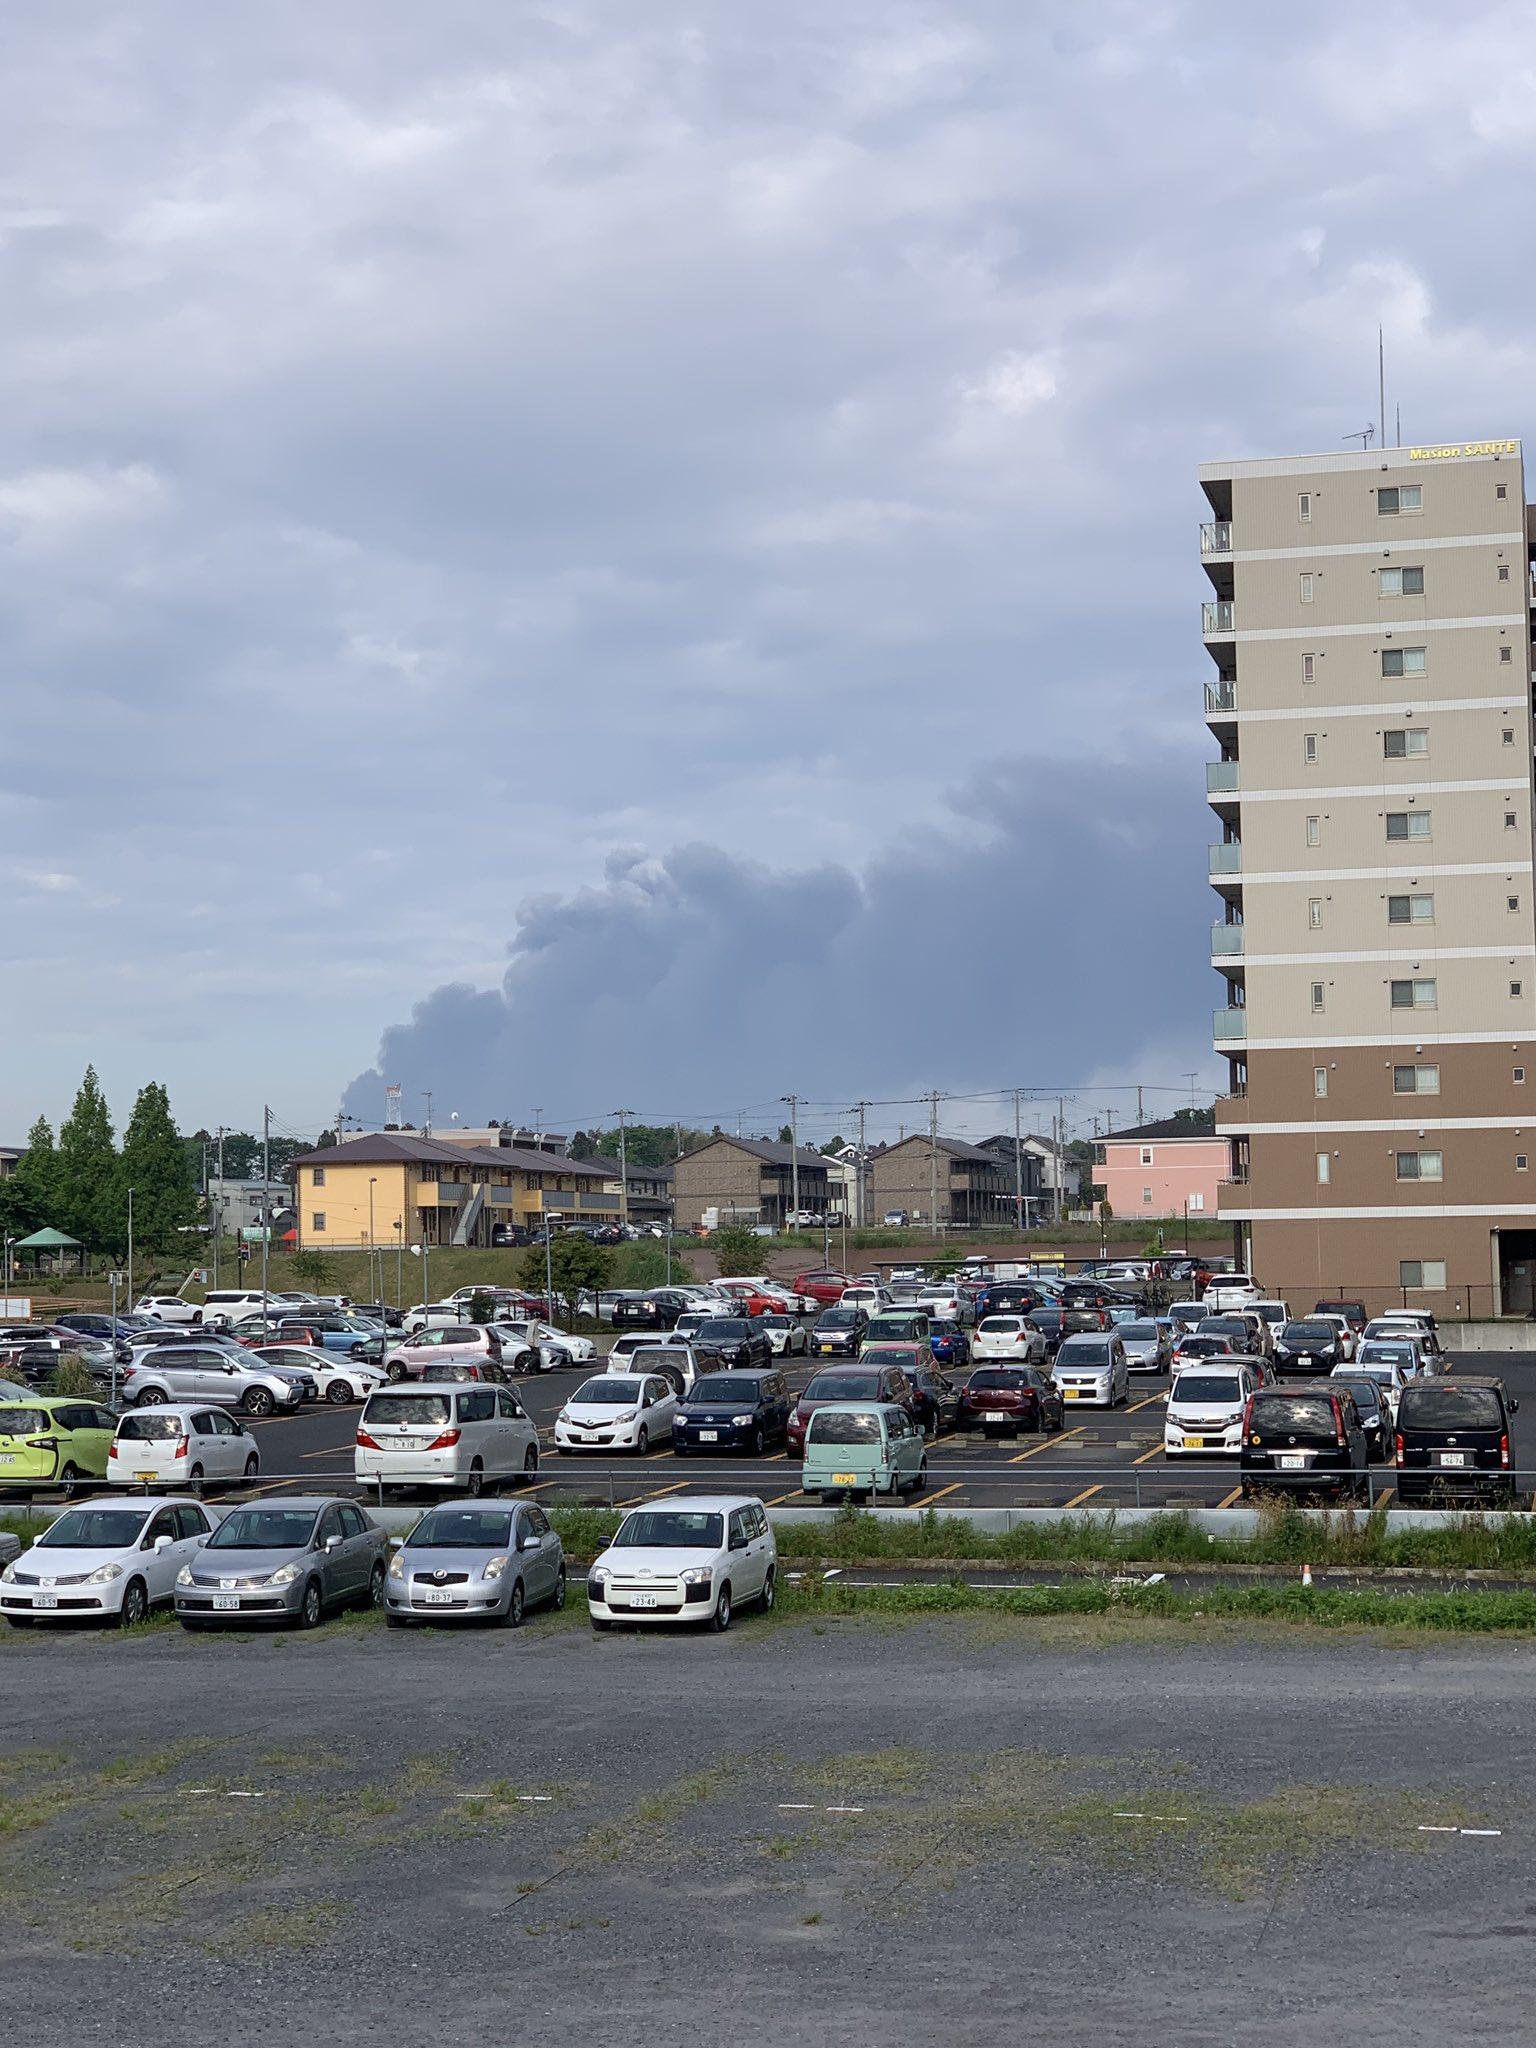 画像,万博記念公園駅から、西方面で黒煙が!#つくば #火事 #黒煙 https://t.co/foiYgum5h6。